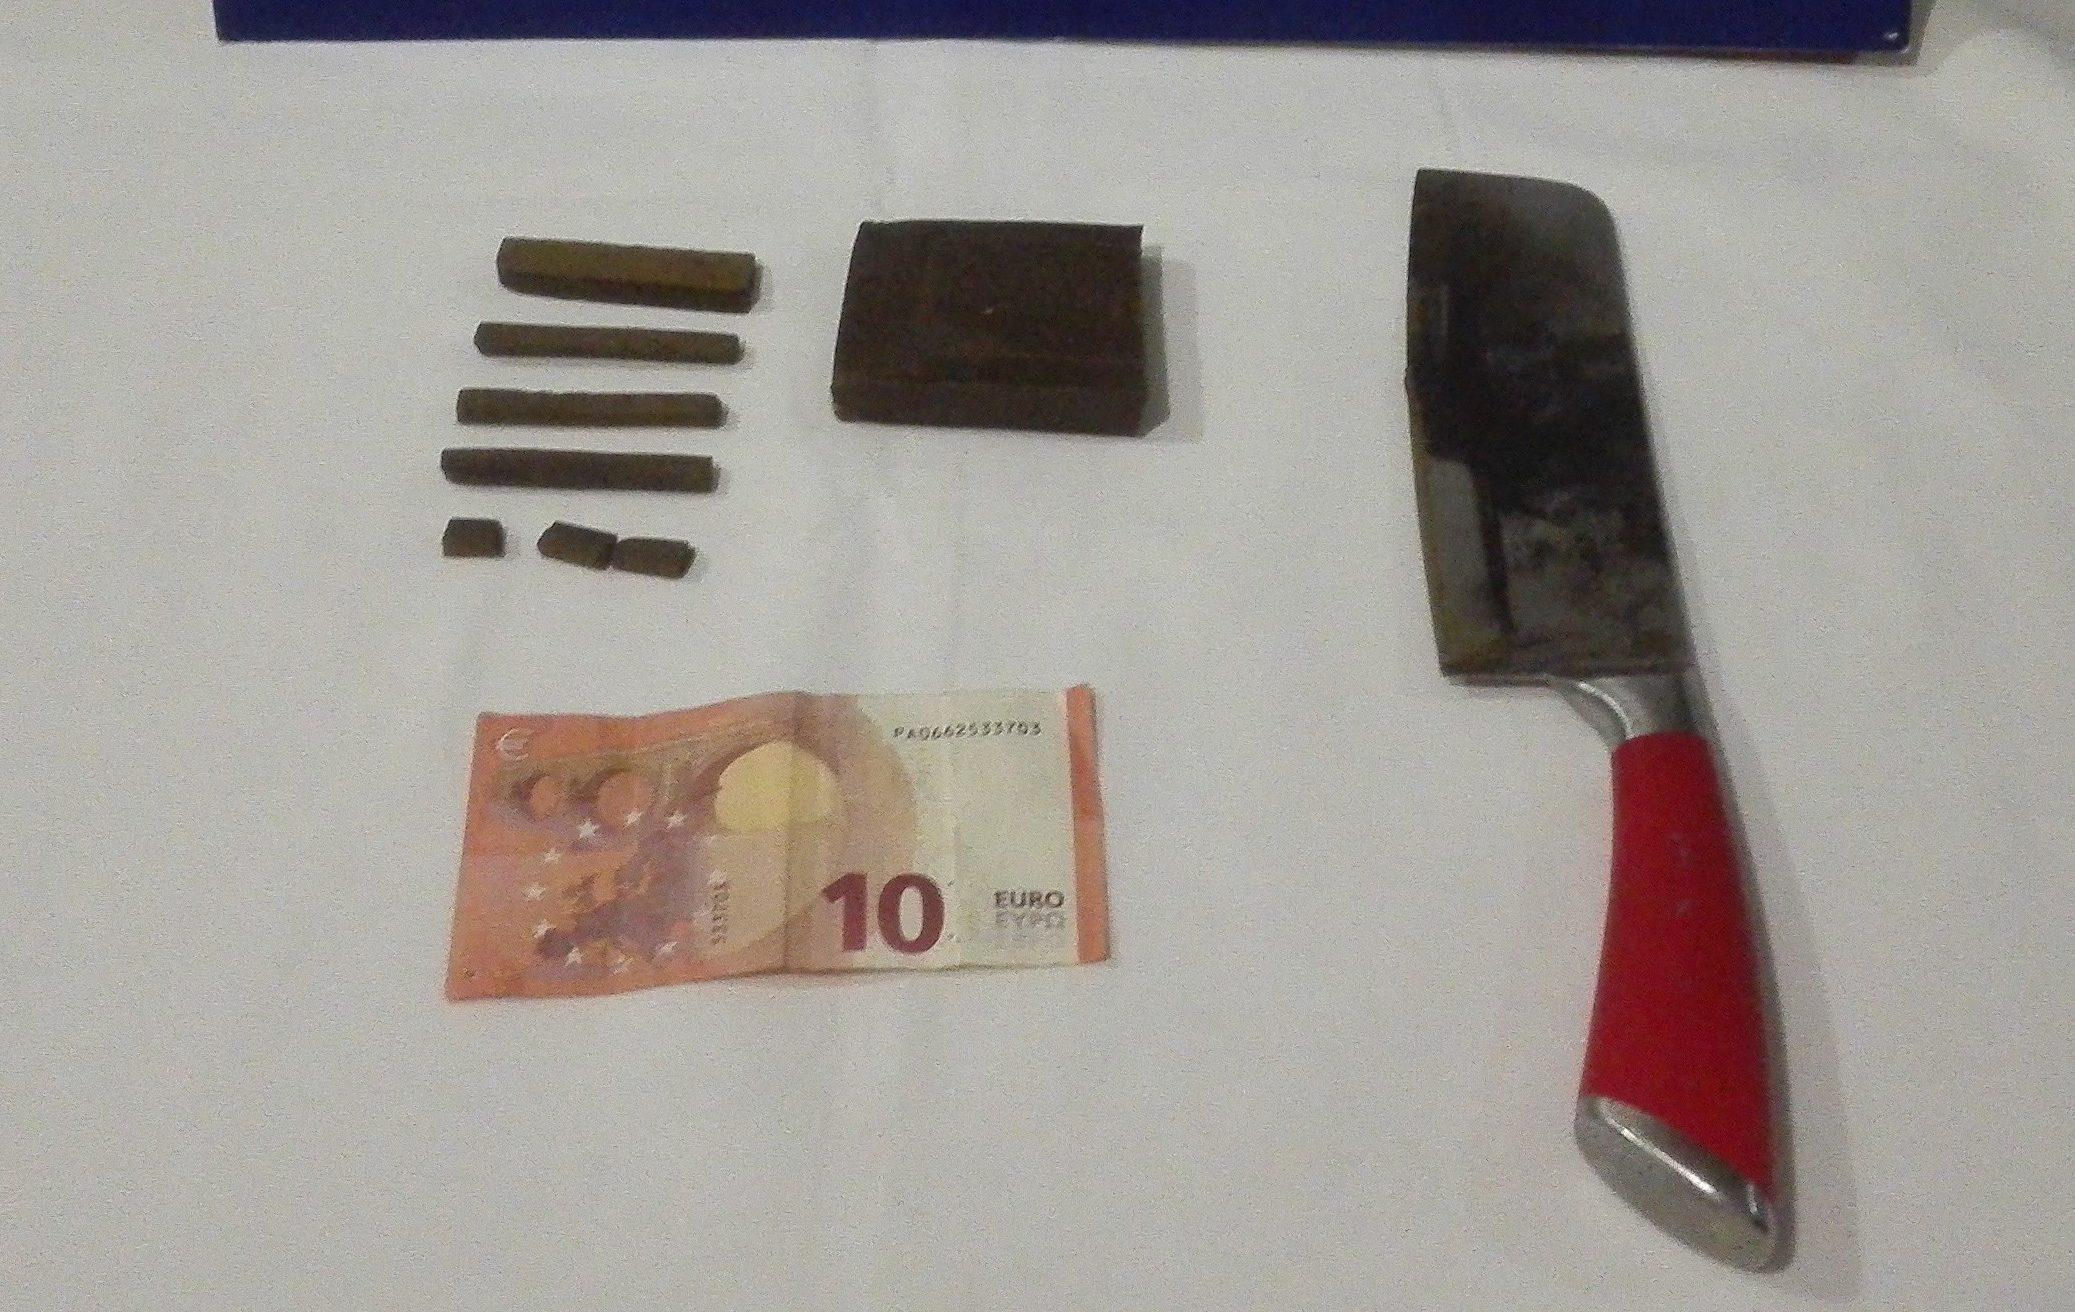 Homem detido por suspeita de tráfico de estupefacientes